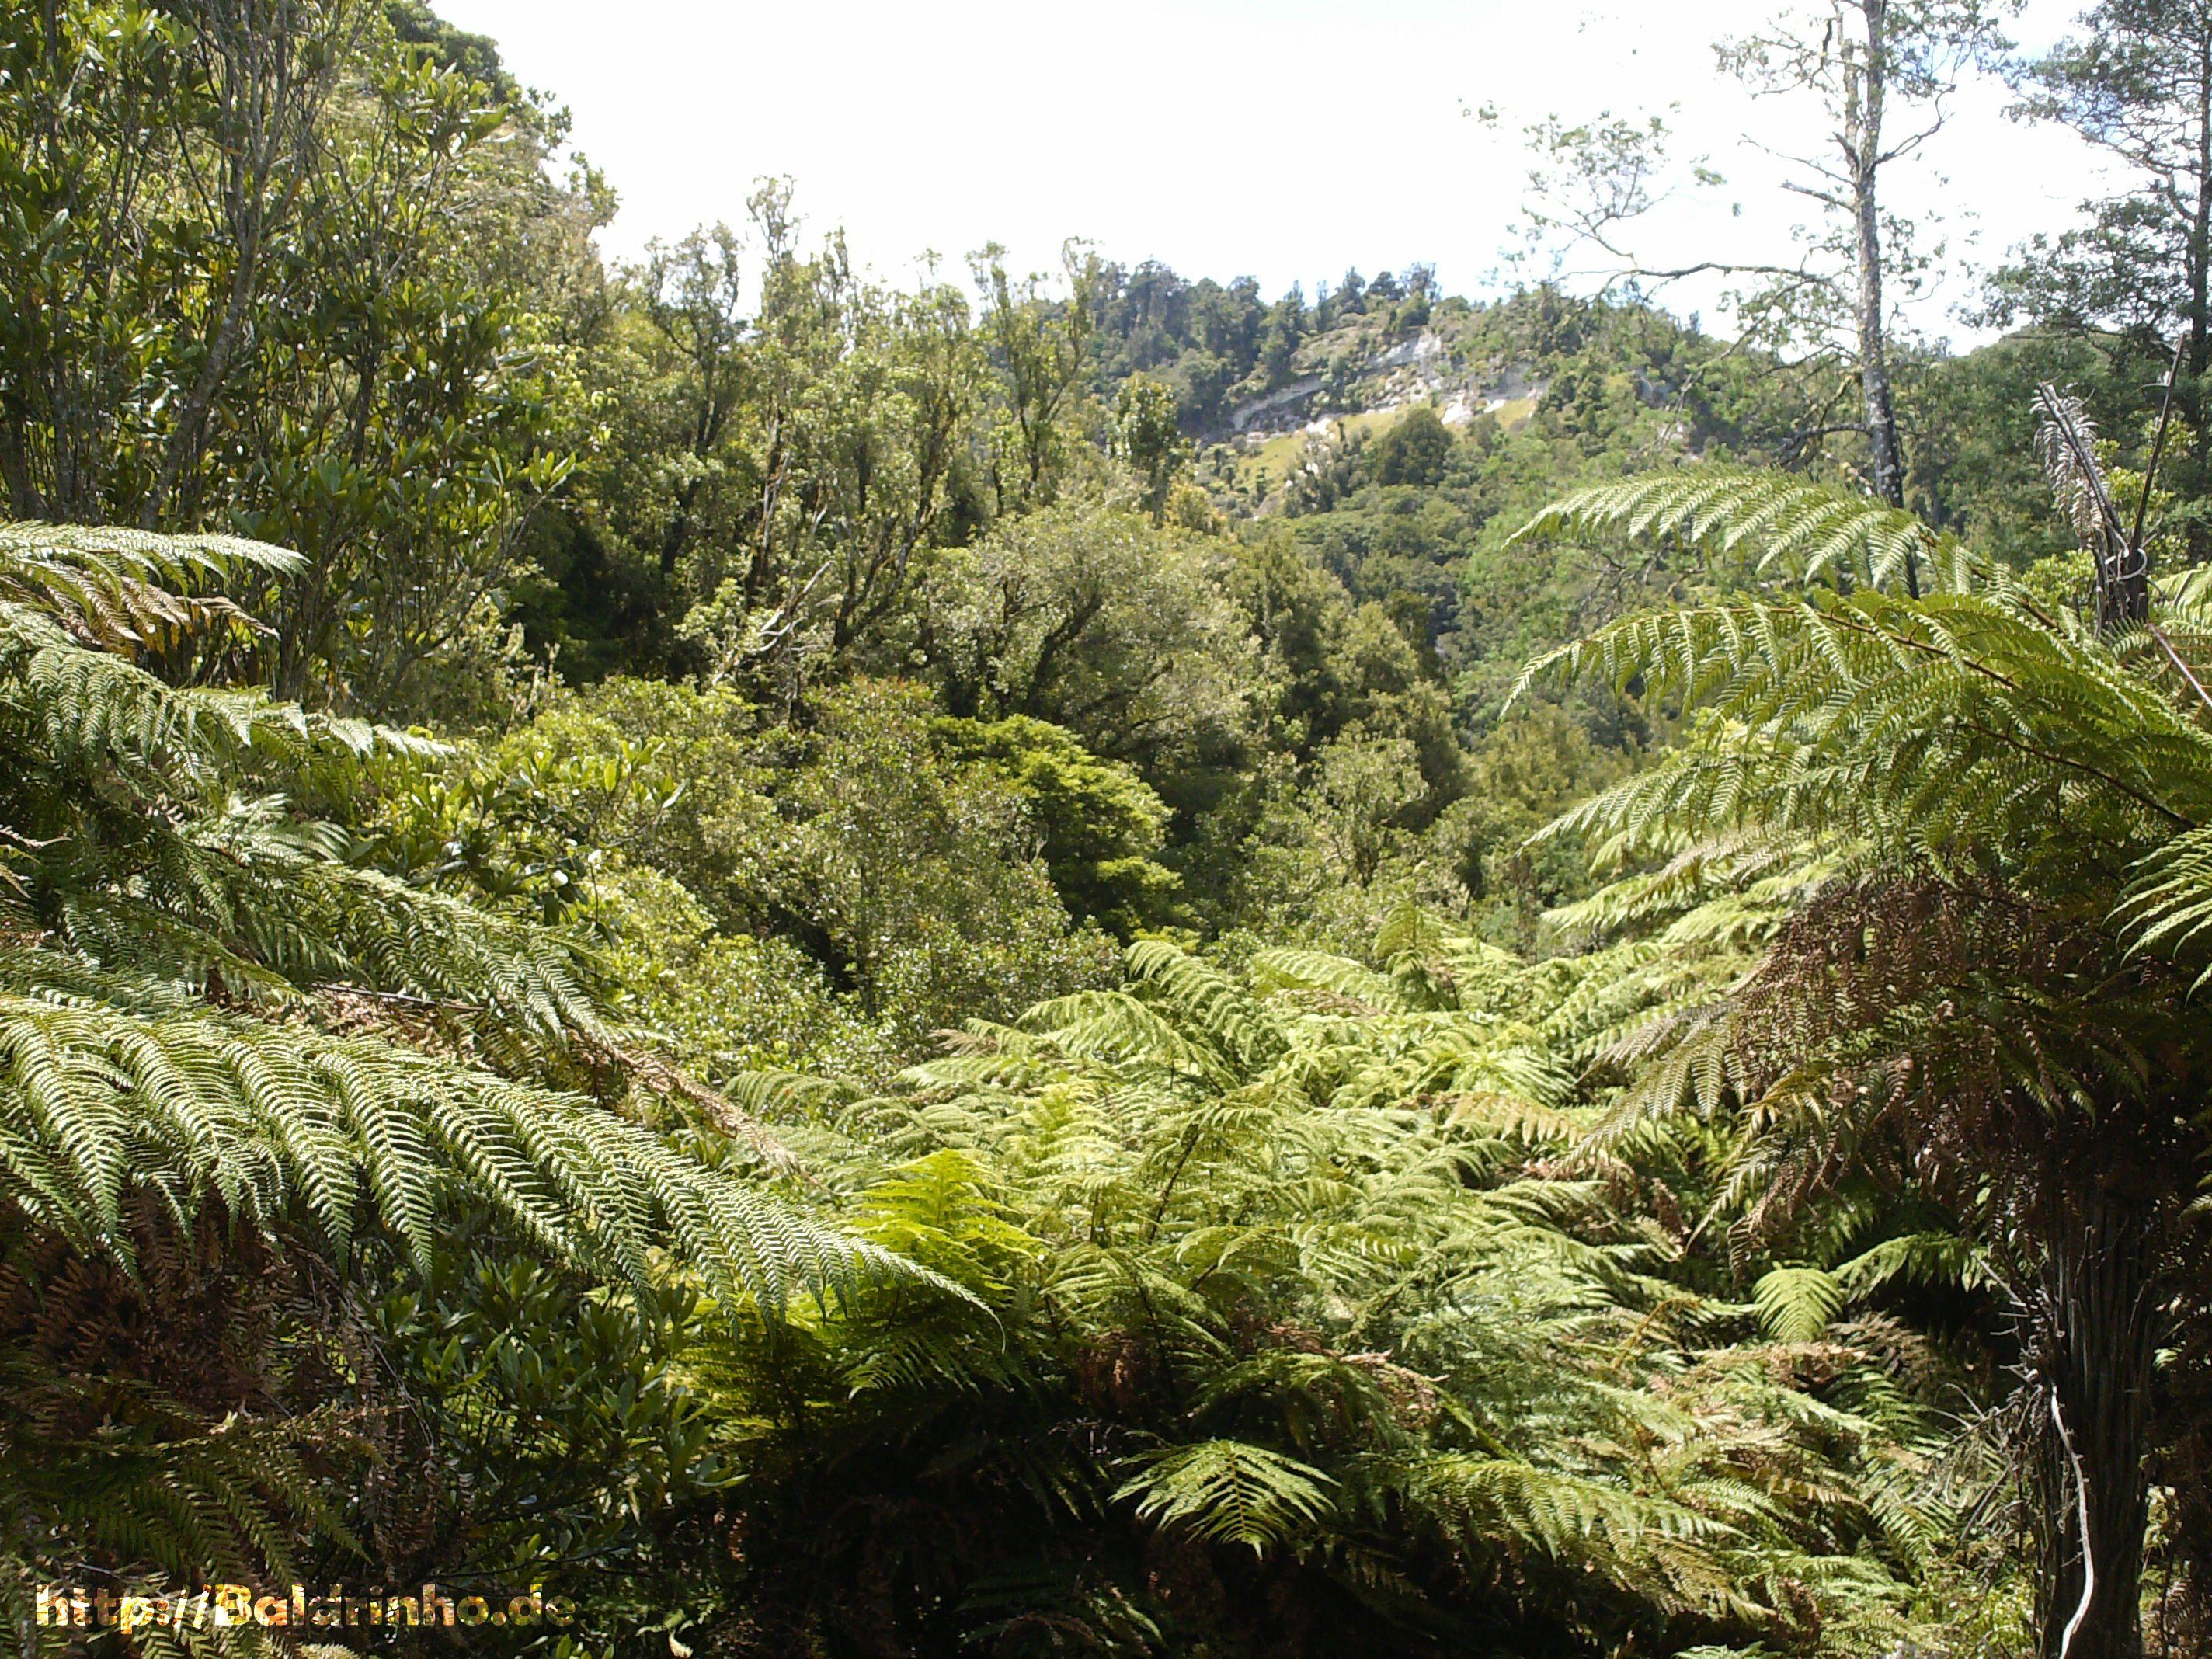 Mitten im #Dschungel voll #Farnen und Grün